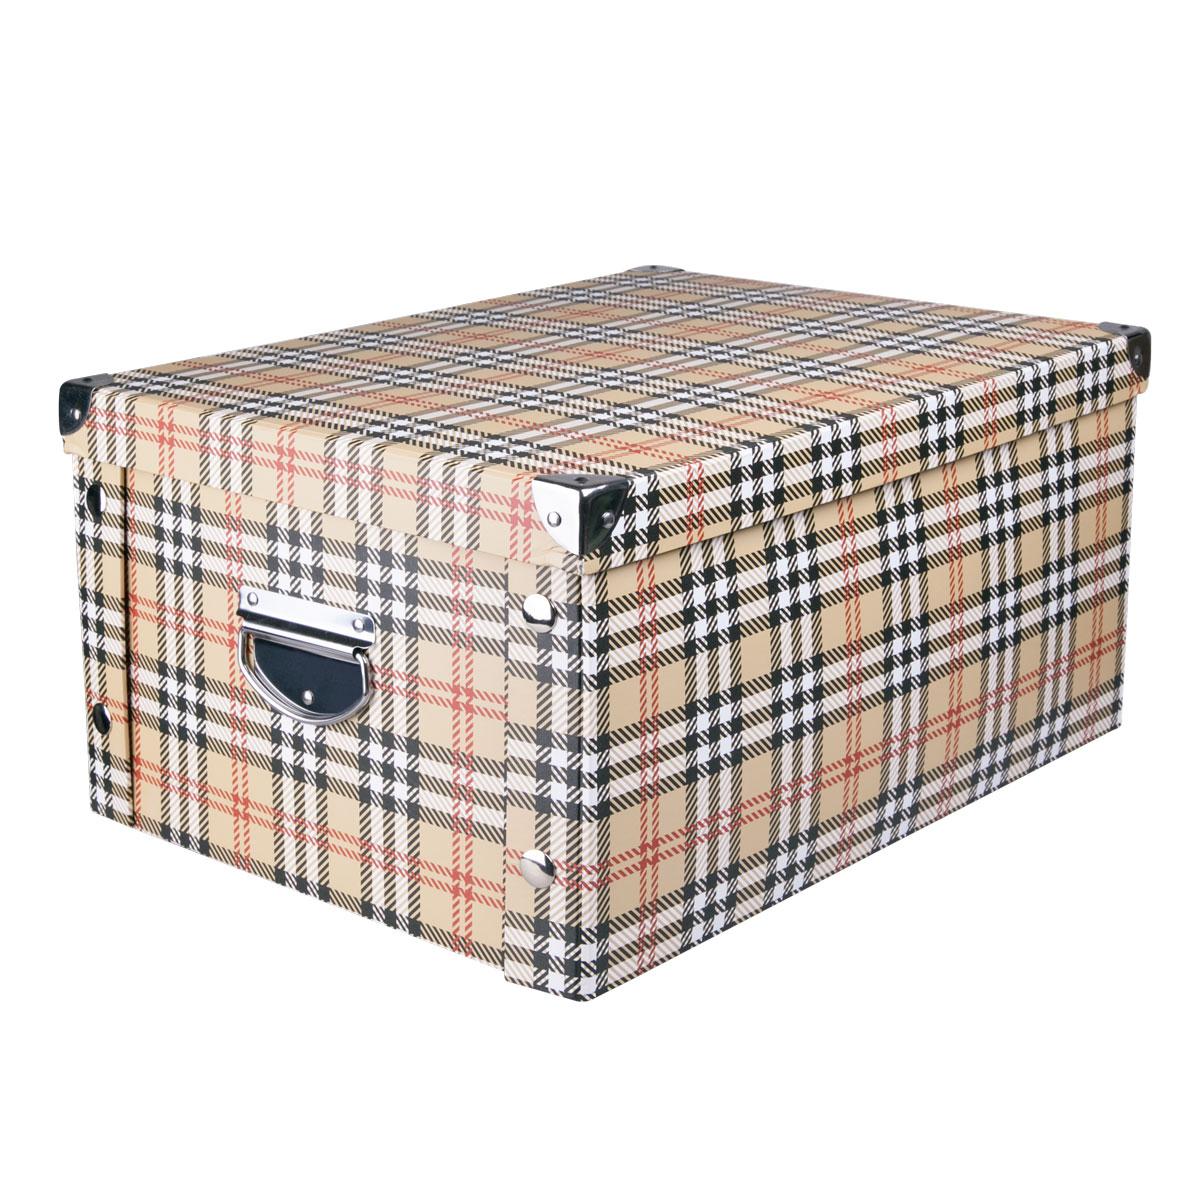 Коробка для хранения Miolla, 40 х 30 х 20 см. CFB-07CLP446Коробка для хранения Miolla прекрасно подойдет для хранения бытовых мелочей, документов, аксессуаров для рукоделия и других мелких предметов. Коробка поставляется в разобранном виде, легко и быстро складывается. Плотная крышка и удобные для переноски металлические ручки станут приятным дополнением к функциональным достоинствам коробки. Удобная крышка не даст ни одной вещи потеряться, а оптимальный размер подойдет для любого шкафа или полки.Компактная, но при этом вместительная коробка для хранения станет яркой нотой в вашем интерьере.